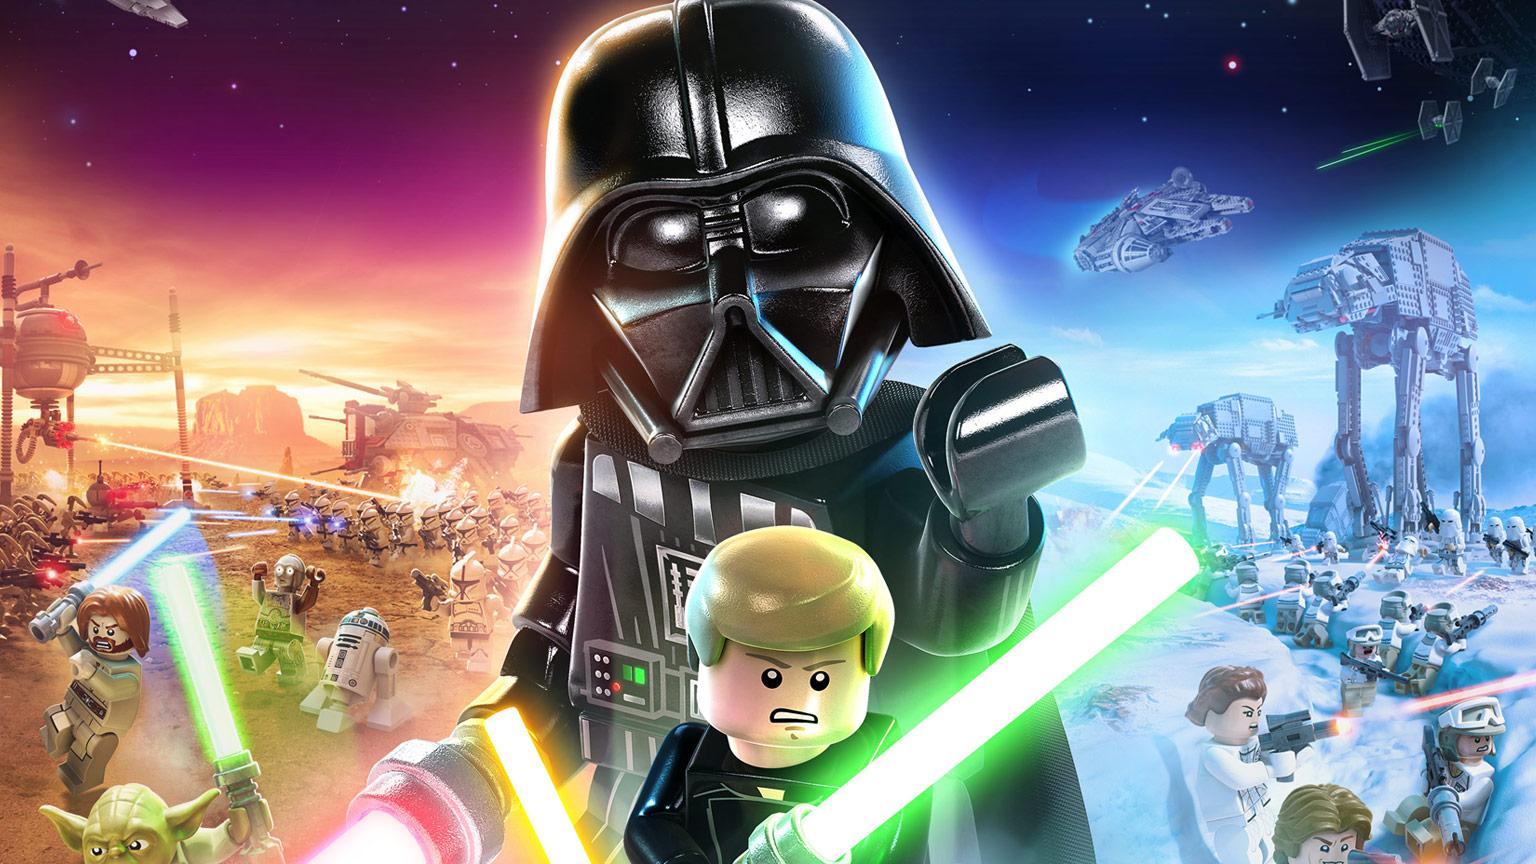 LEGO Star Wars: The Skywalker Saga Once Again Pushed Back